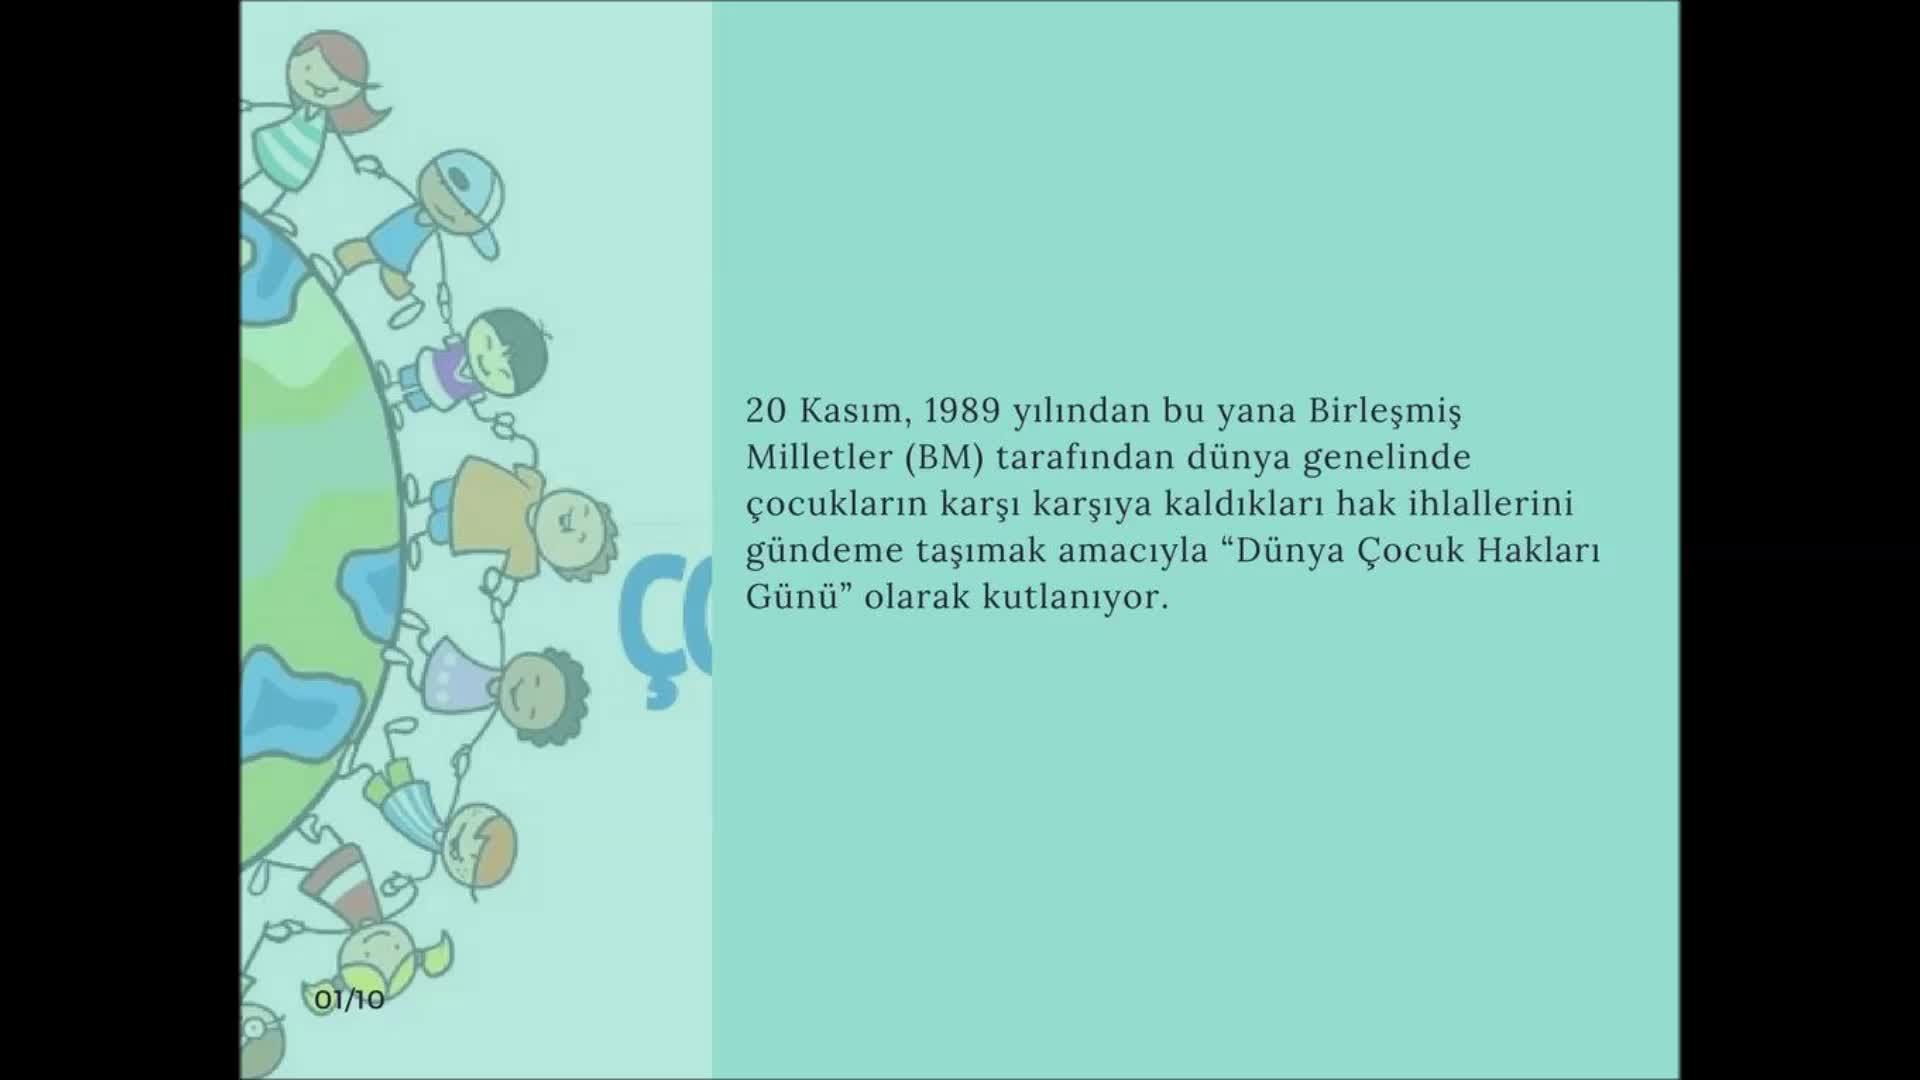 20 Kasım Dünya çocuk Hakları Günü Samsun Canik Tevfik Ileri